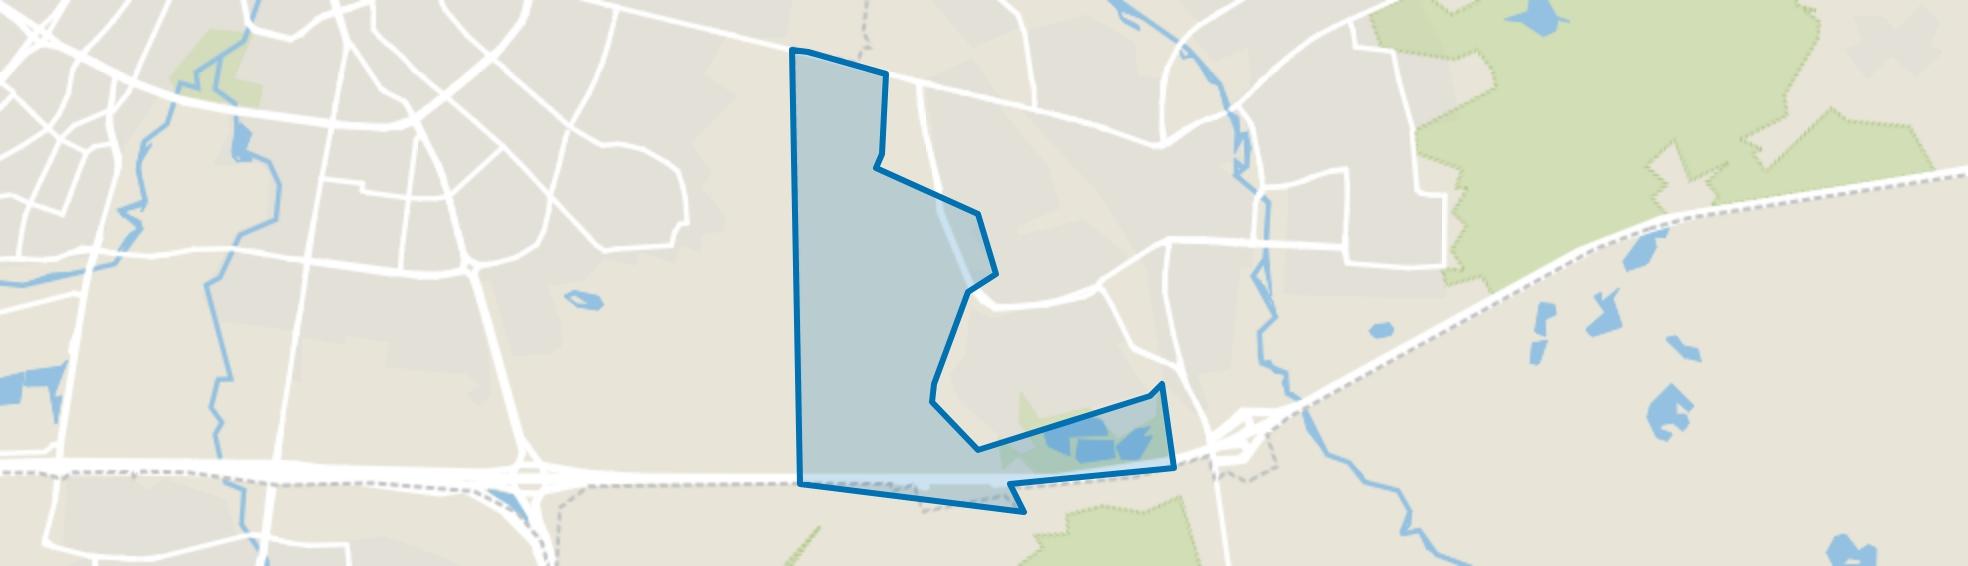 Gijzenrooi, Geldrop map